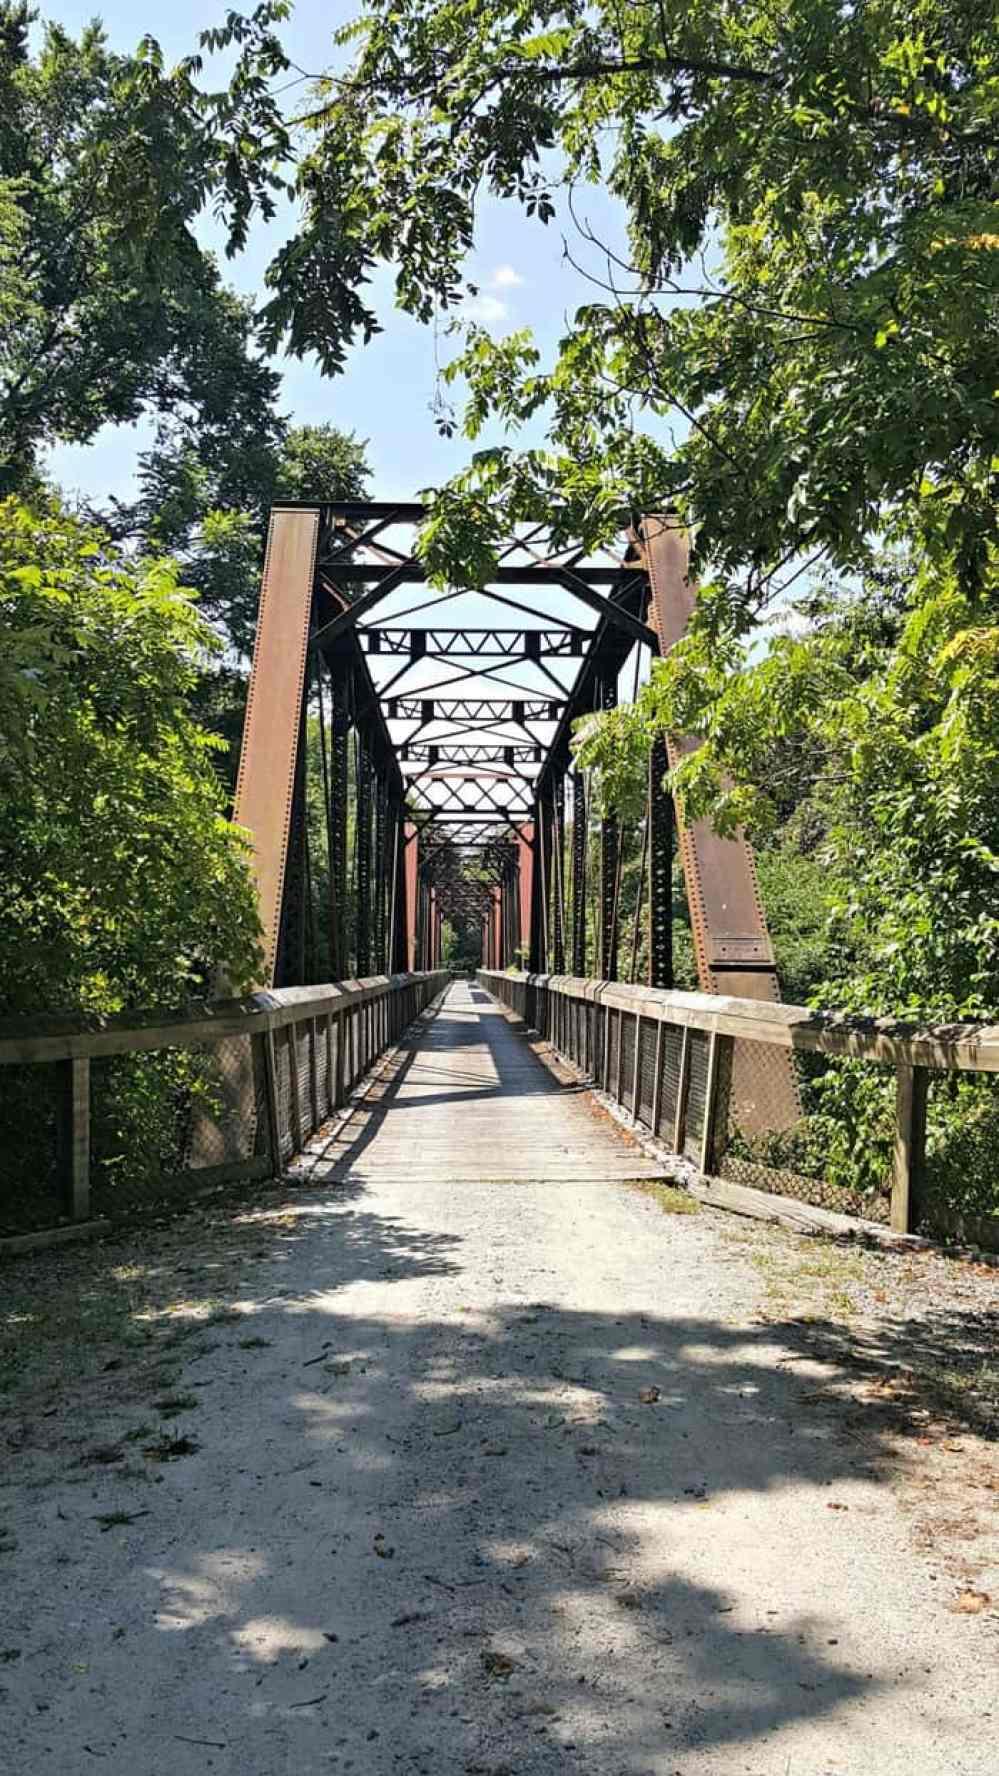 staunton river bridge built in 1902